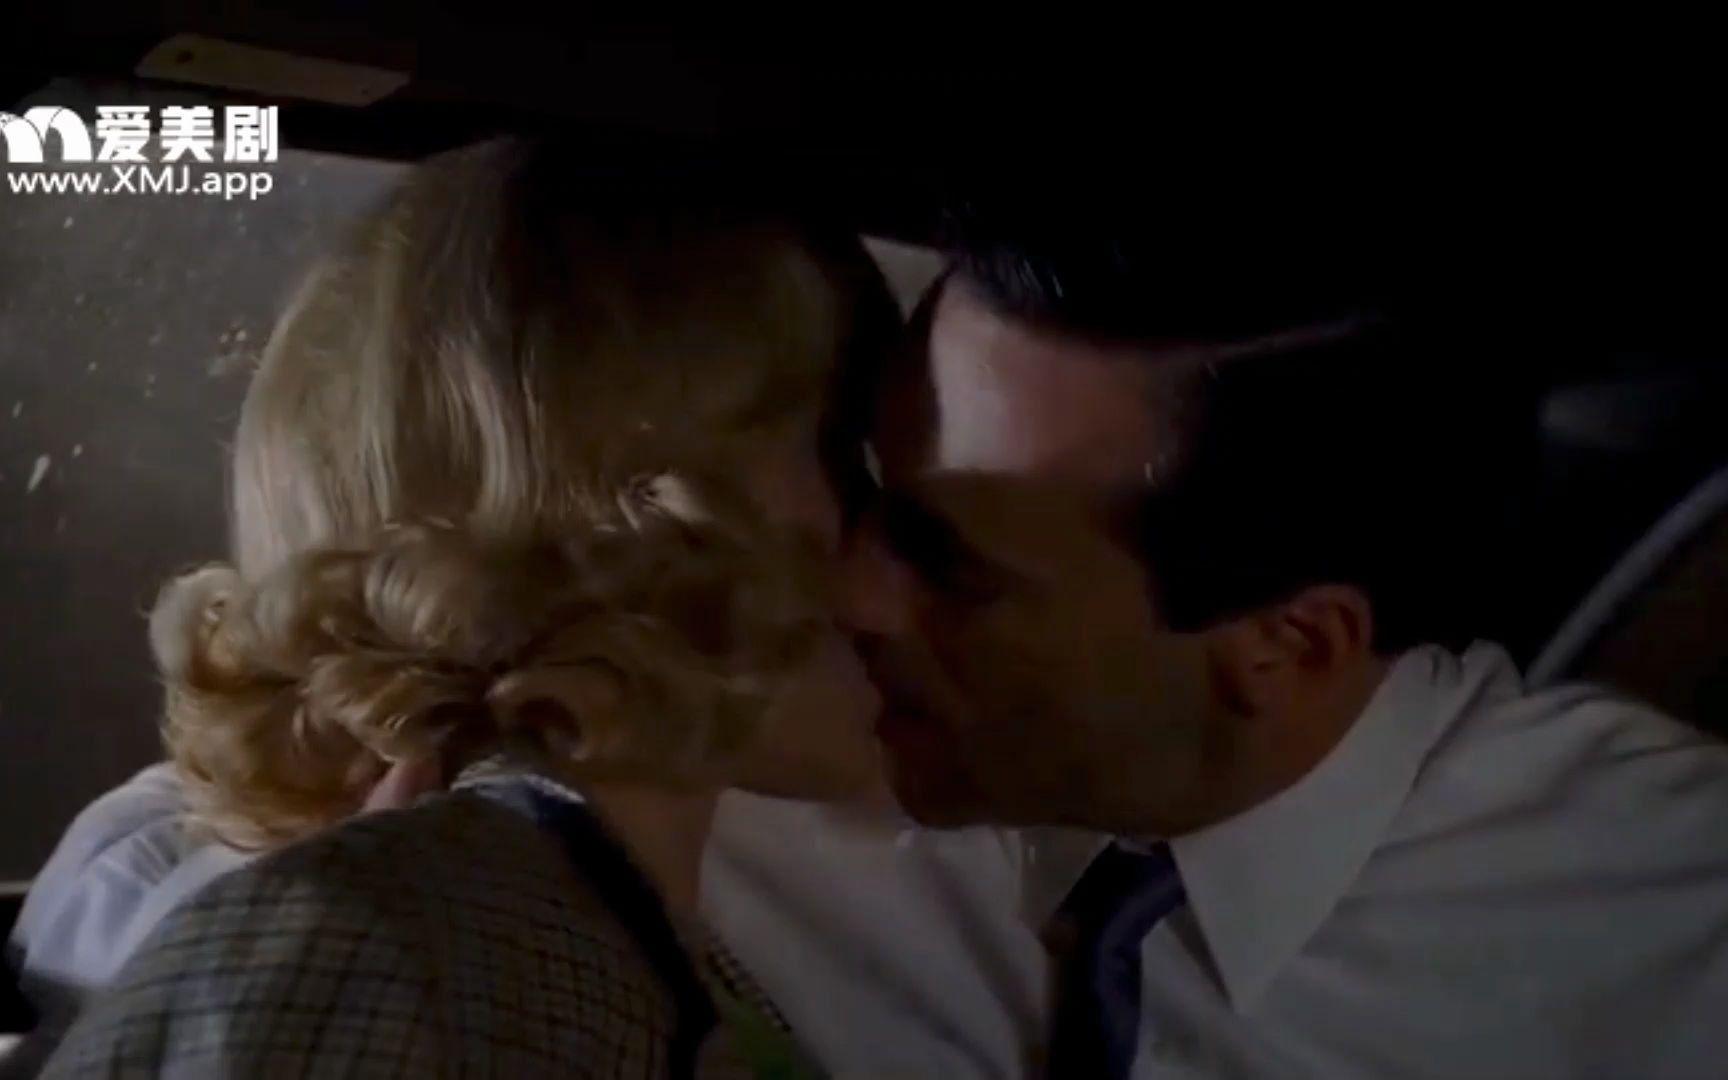 【荷尔蒙】【广告狂人男主处处吻】【欧美吻戏剪辑】【高颜值欲吻】【爱到深处自然亲吻】【缠绵】【KISS】